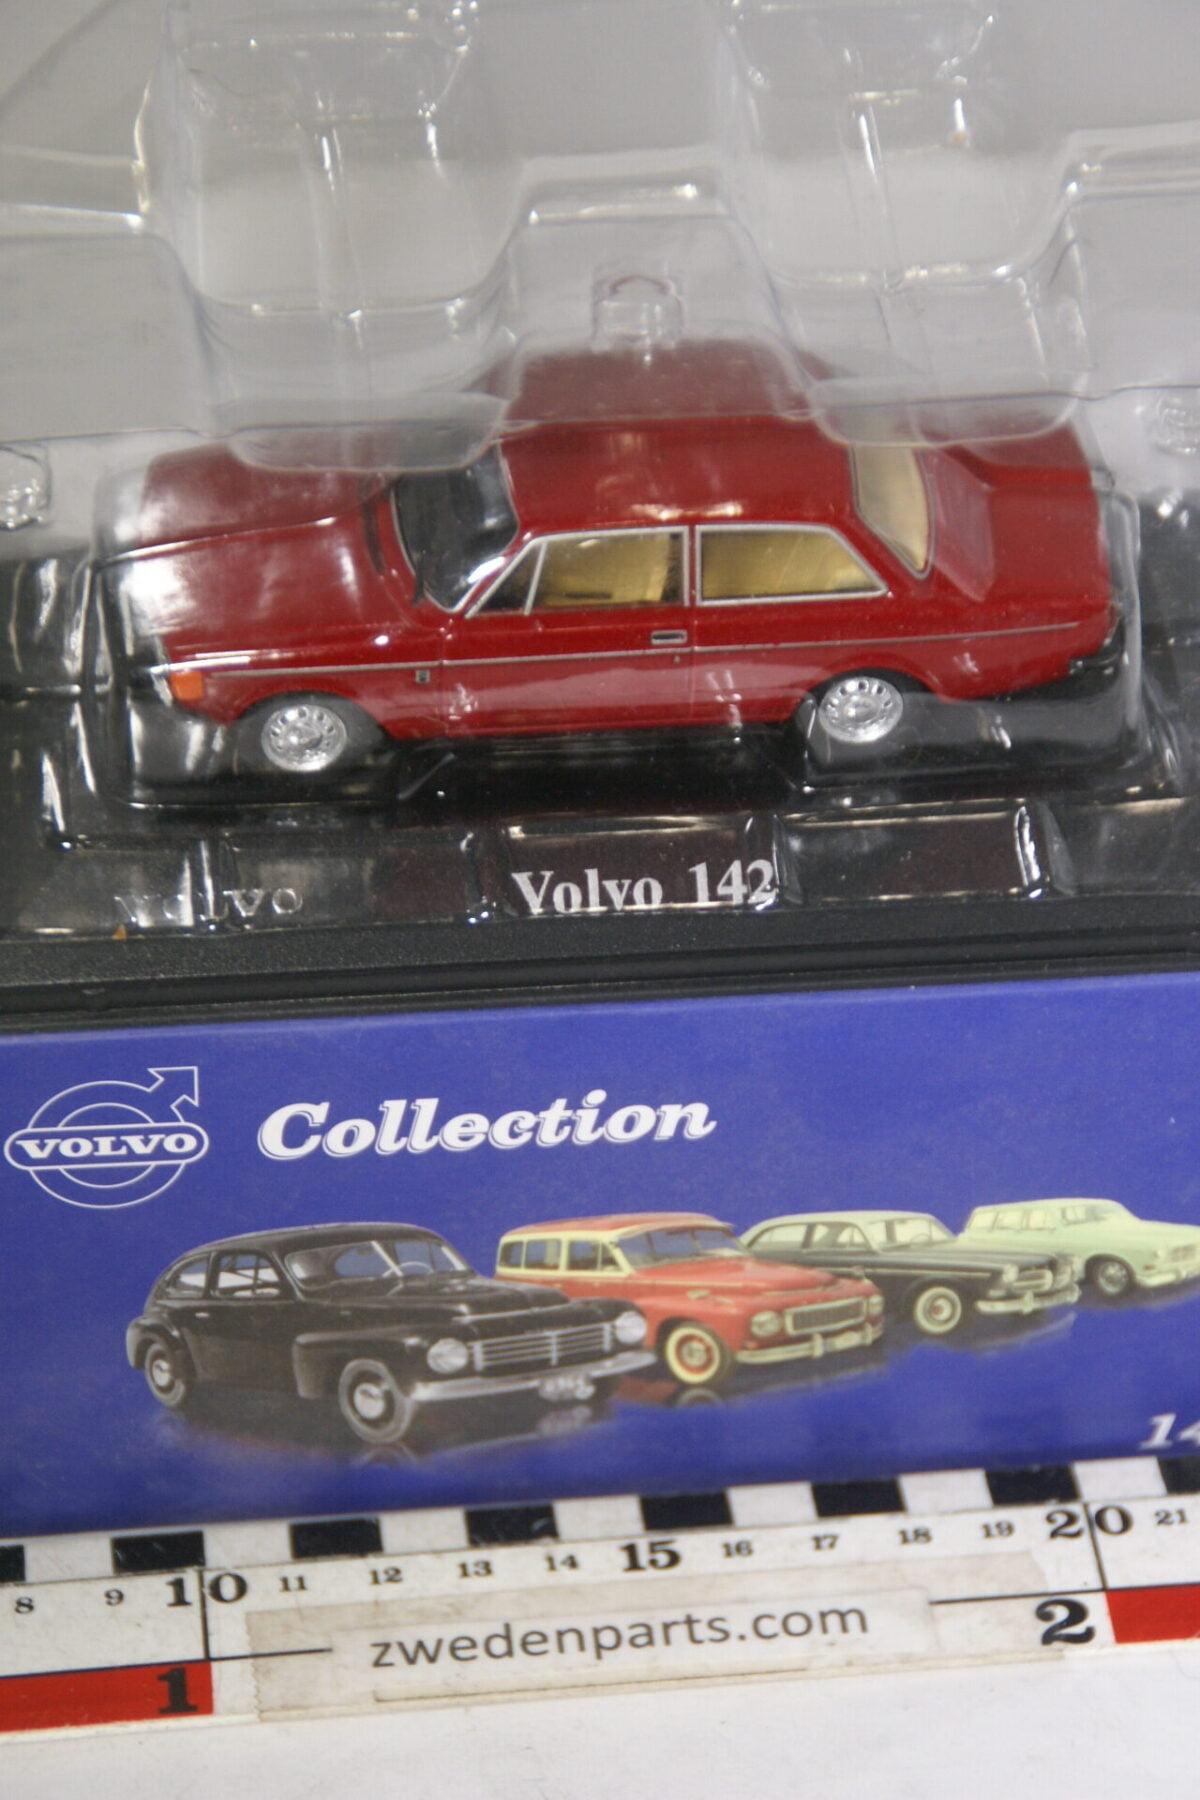 DSC00535 miniatuur Volvo 142 rood 1op43 Atlas 27 nieuw in originele verpakking-056b0e16